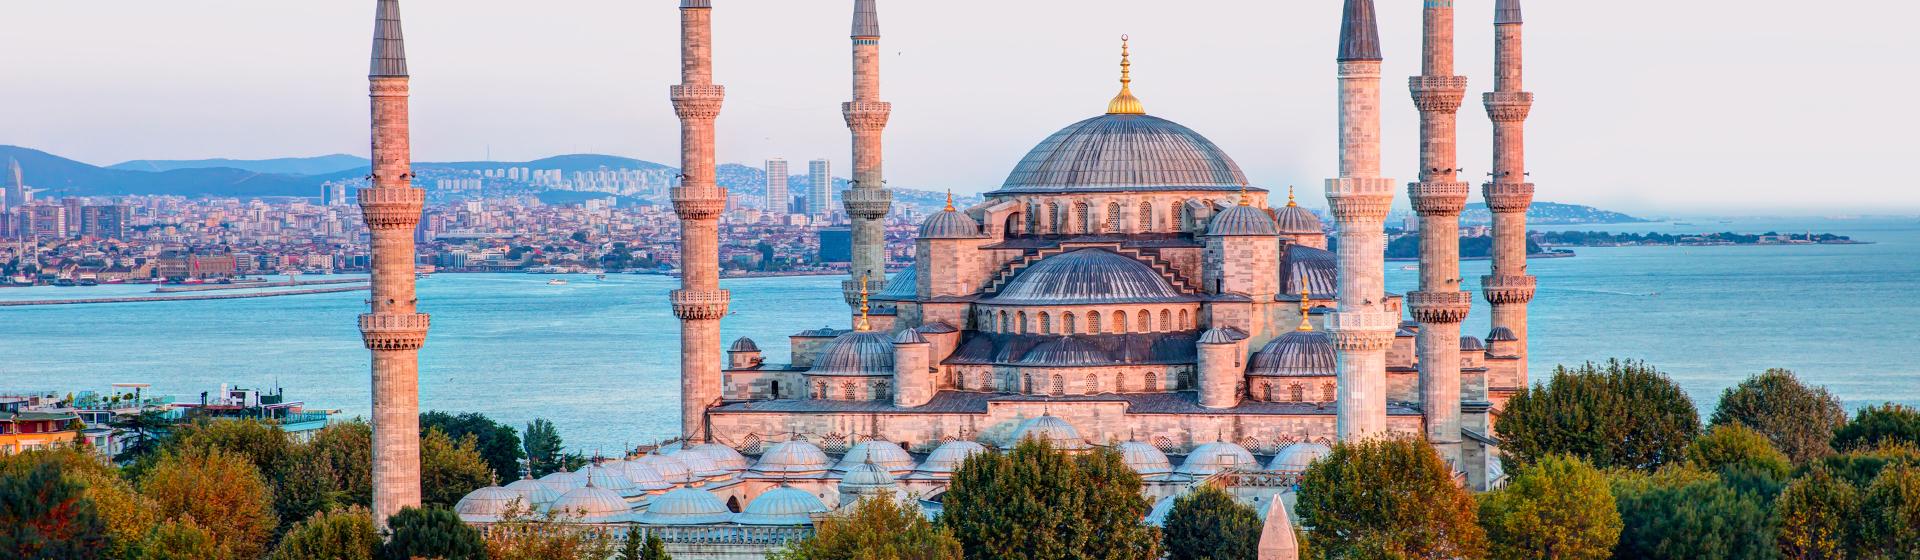 Imagen de Turquía